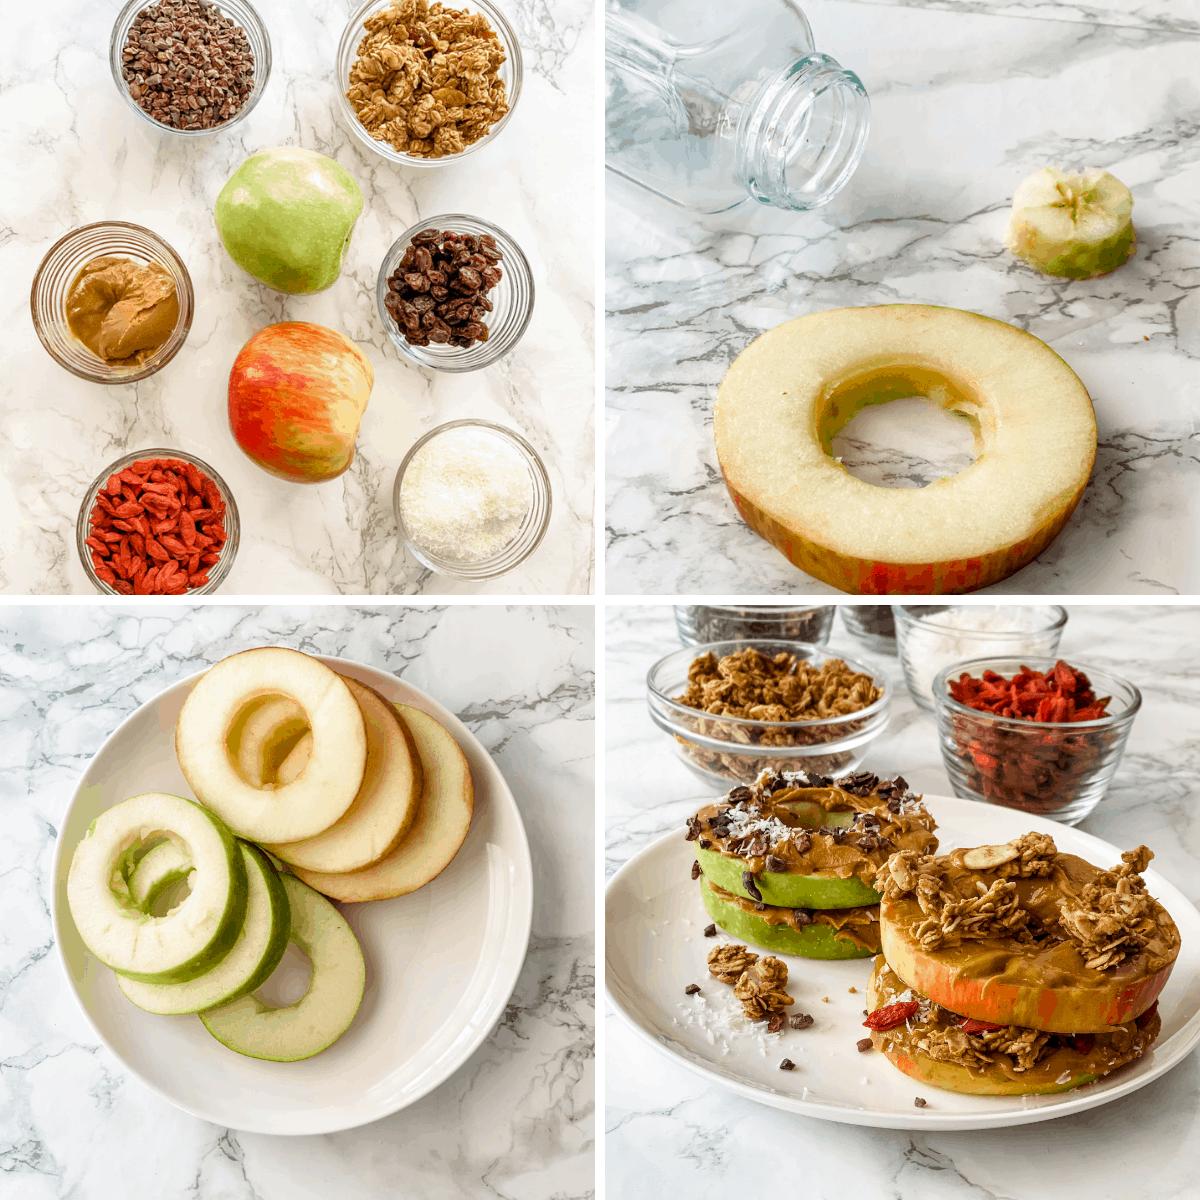 Collage paso a paso que muestra cómo hacer un sándwich de manzana saludable.